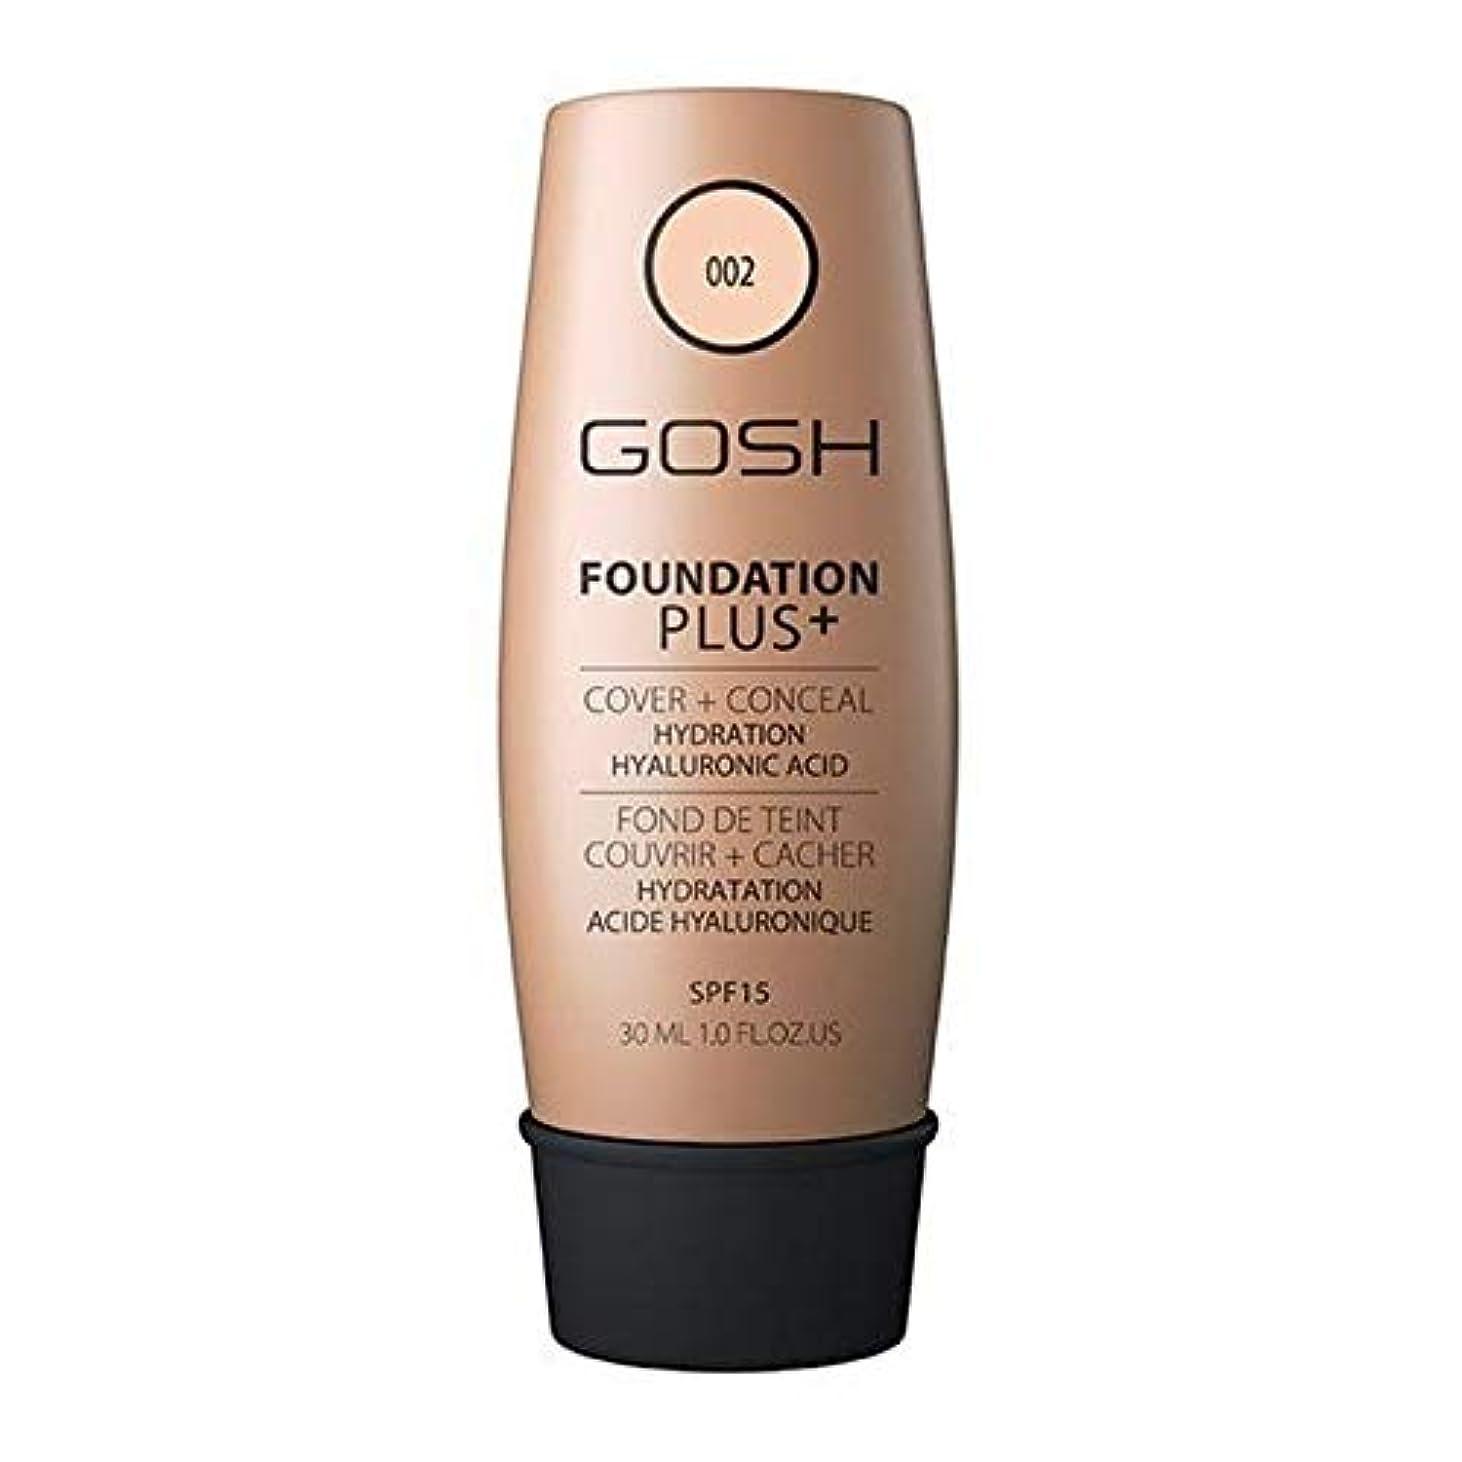 心臓ビデオサンダー[GOSH ] おやっ基礎プラス+アイボリー002 - Gosh Foundation Plus+ Ivory 002 [並行輸入品]